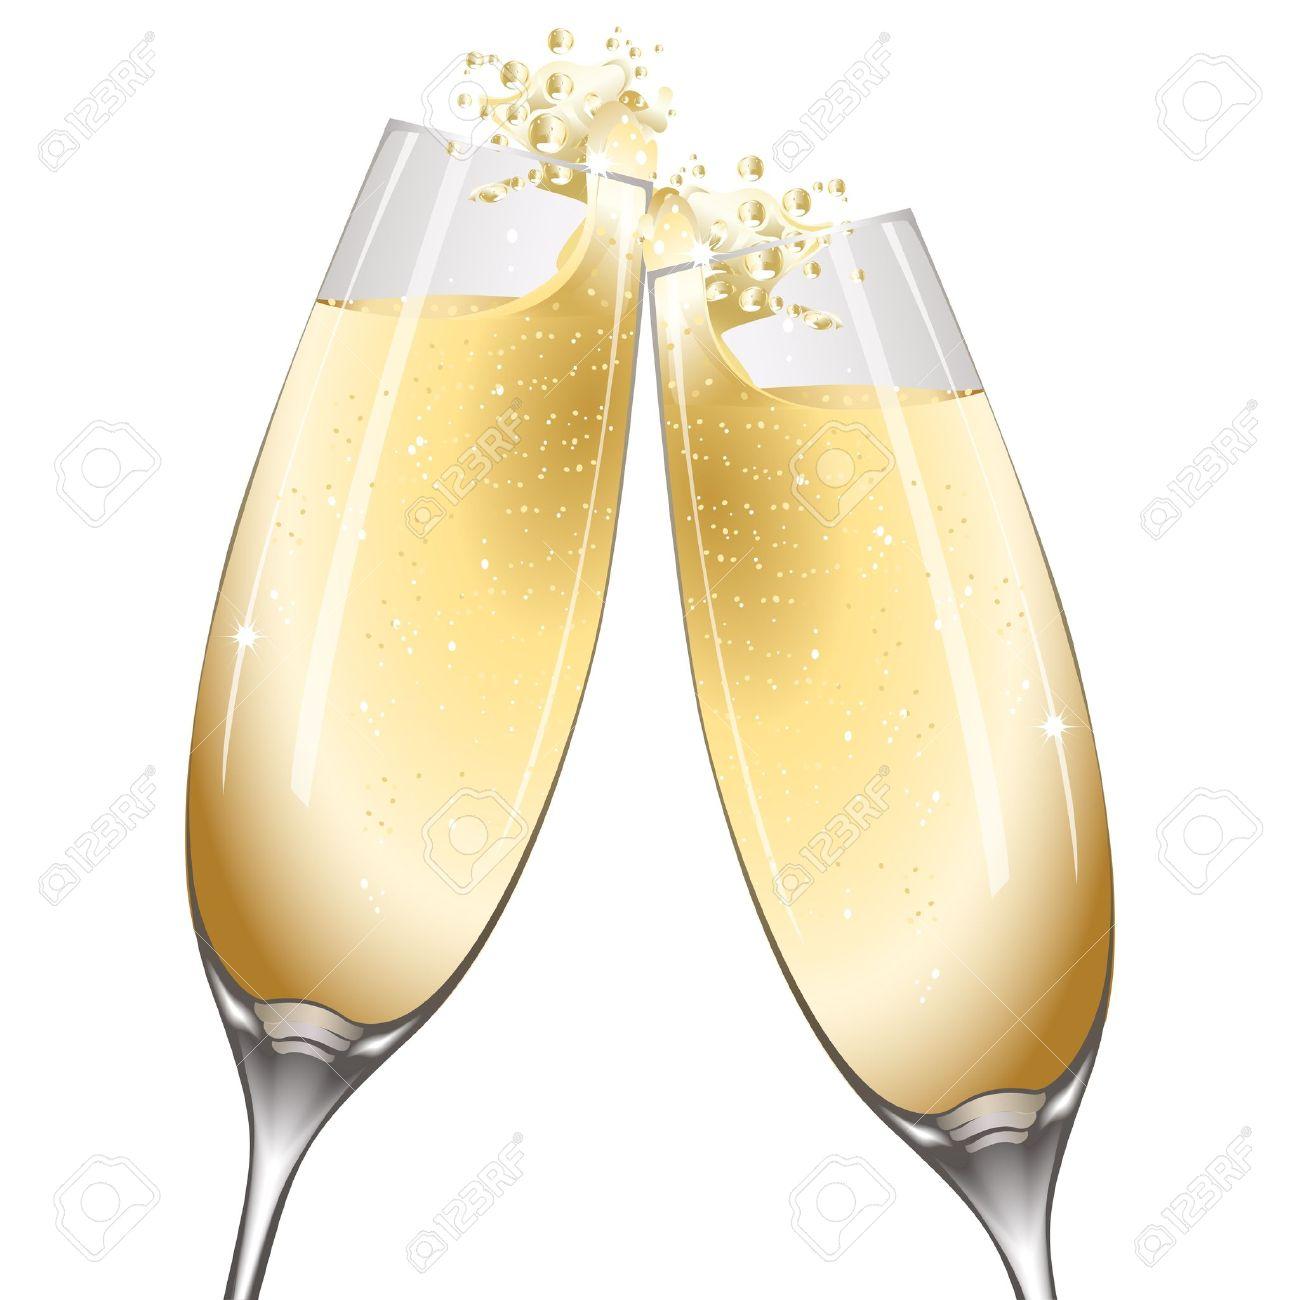 illustration of celebration with wine on white background - 9438610